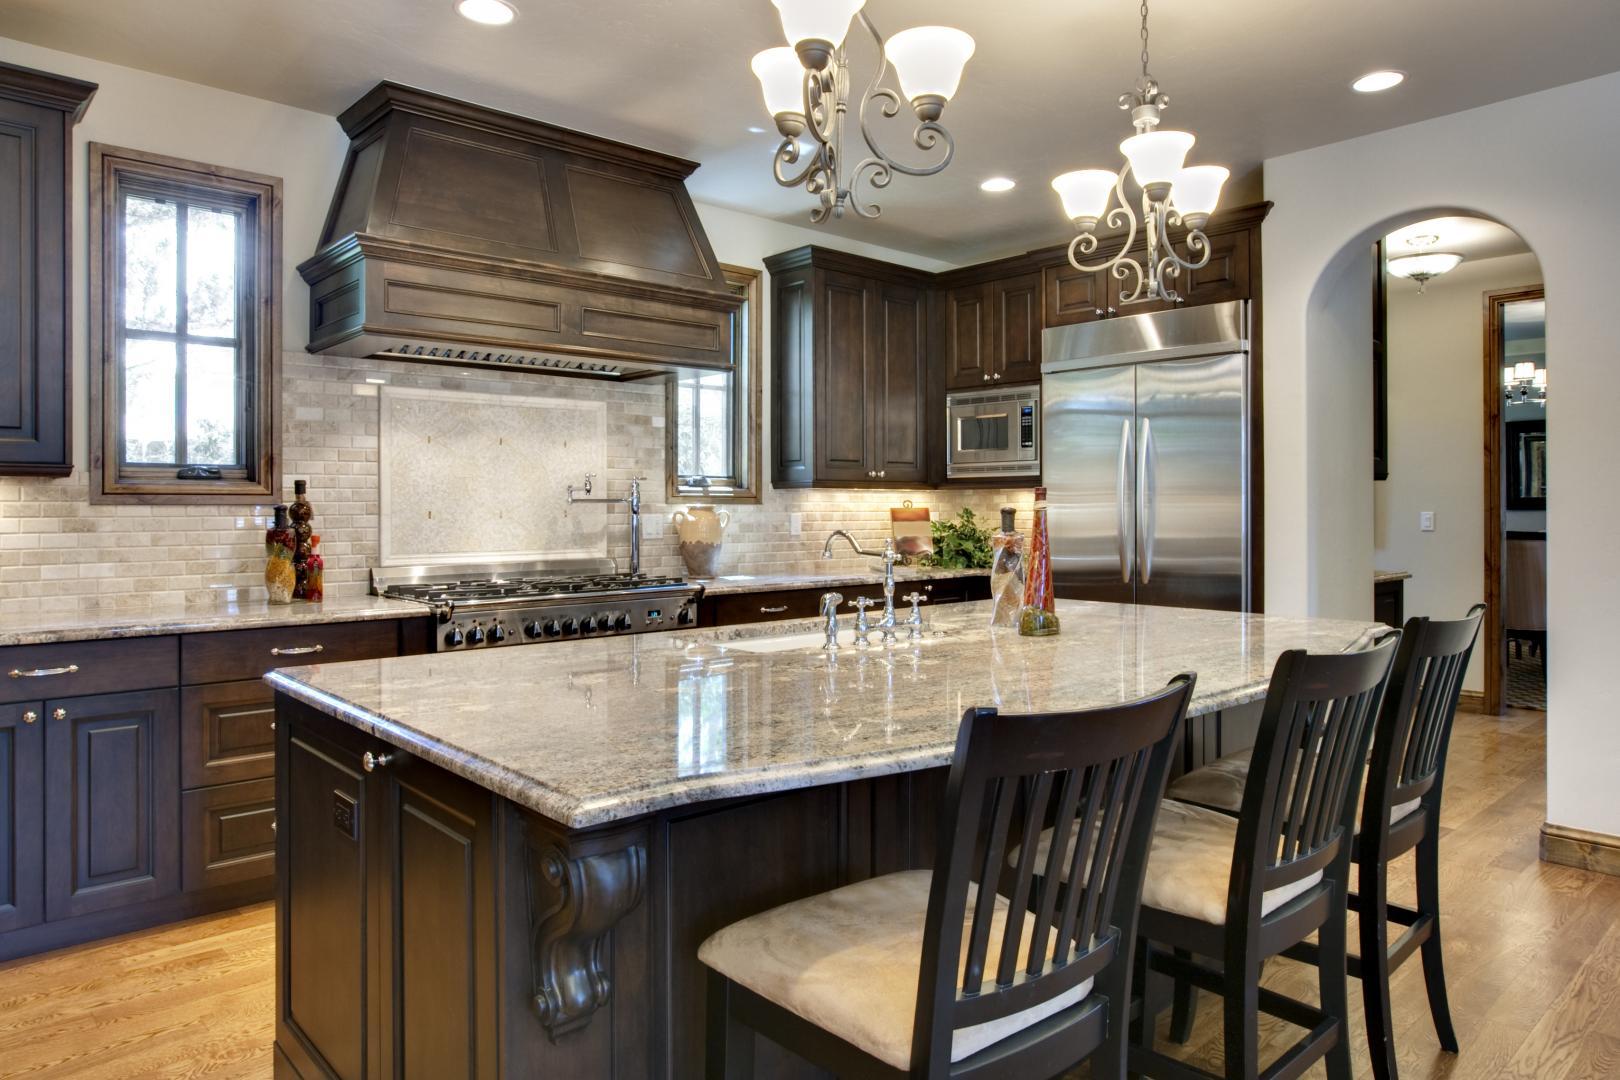 Modern Designer Kitchens designer kitchens. 150 kitchen design remodeling ideas pictures of